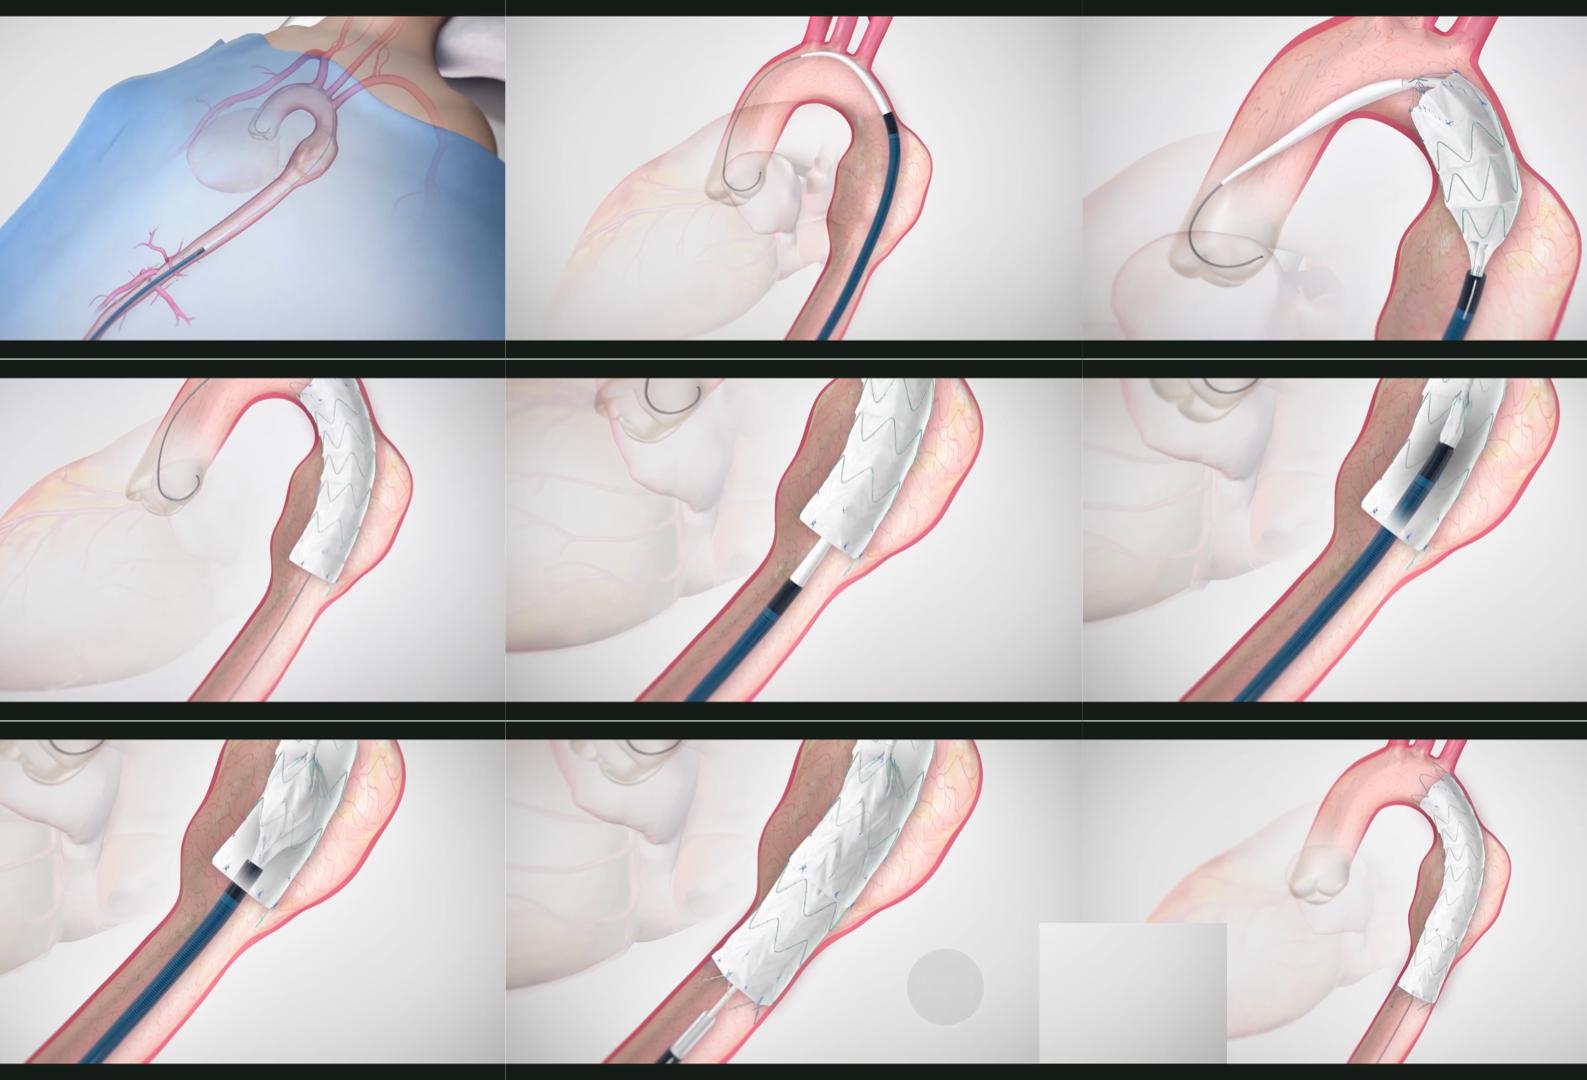 胸部ステントグラフト内挿術の手順